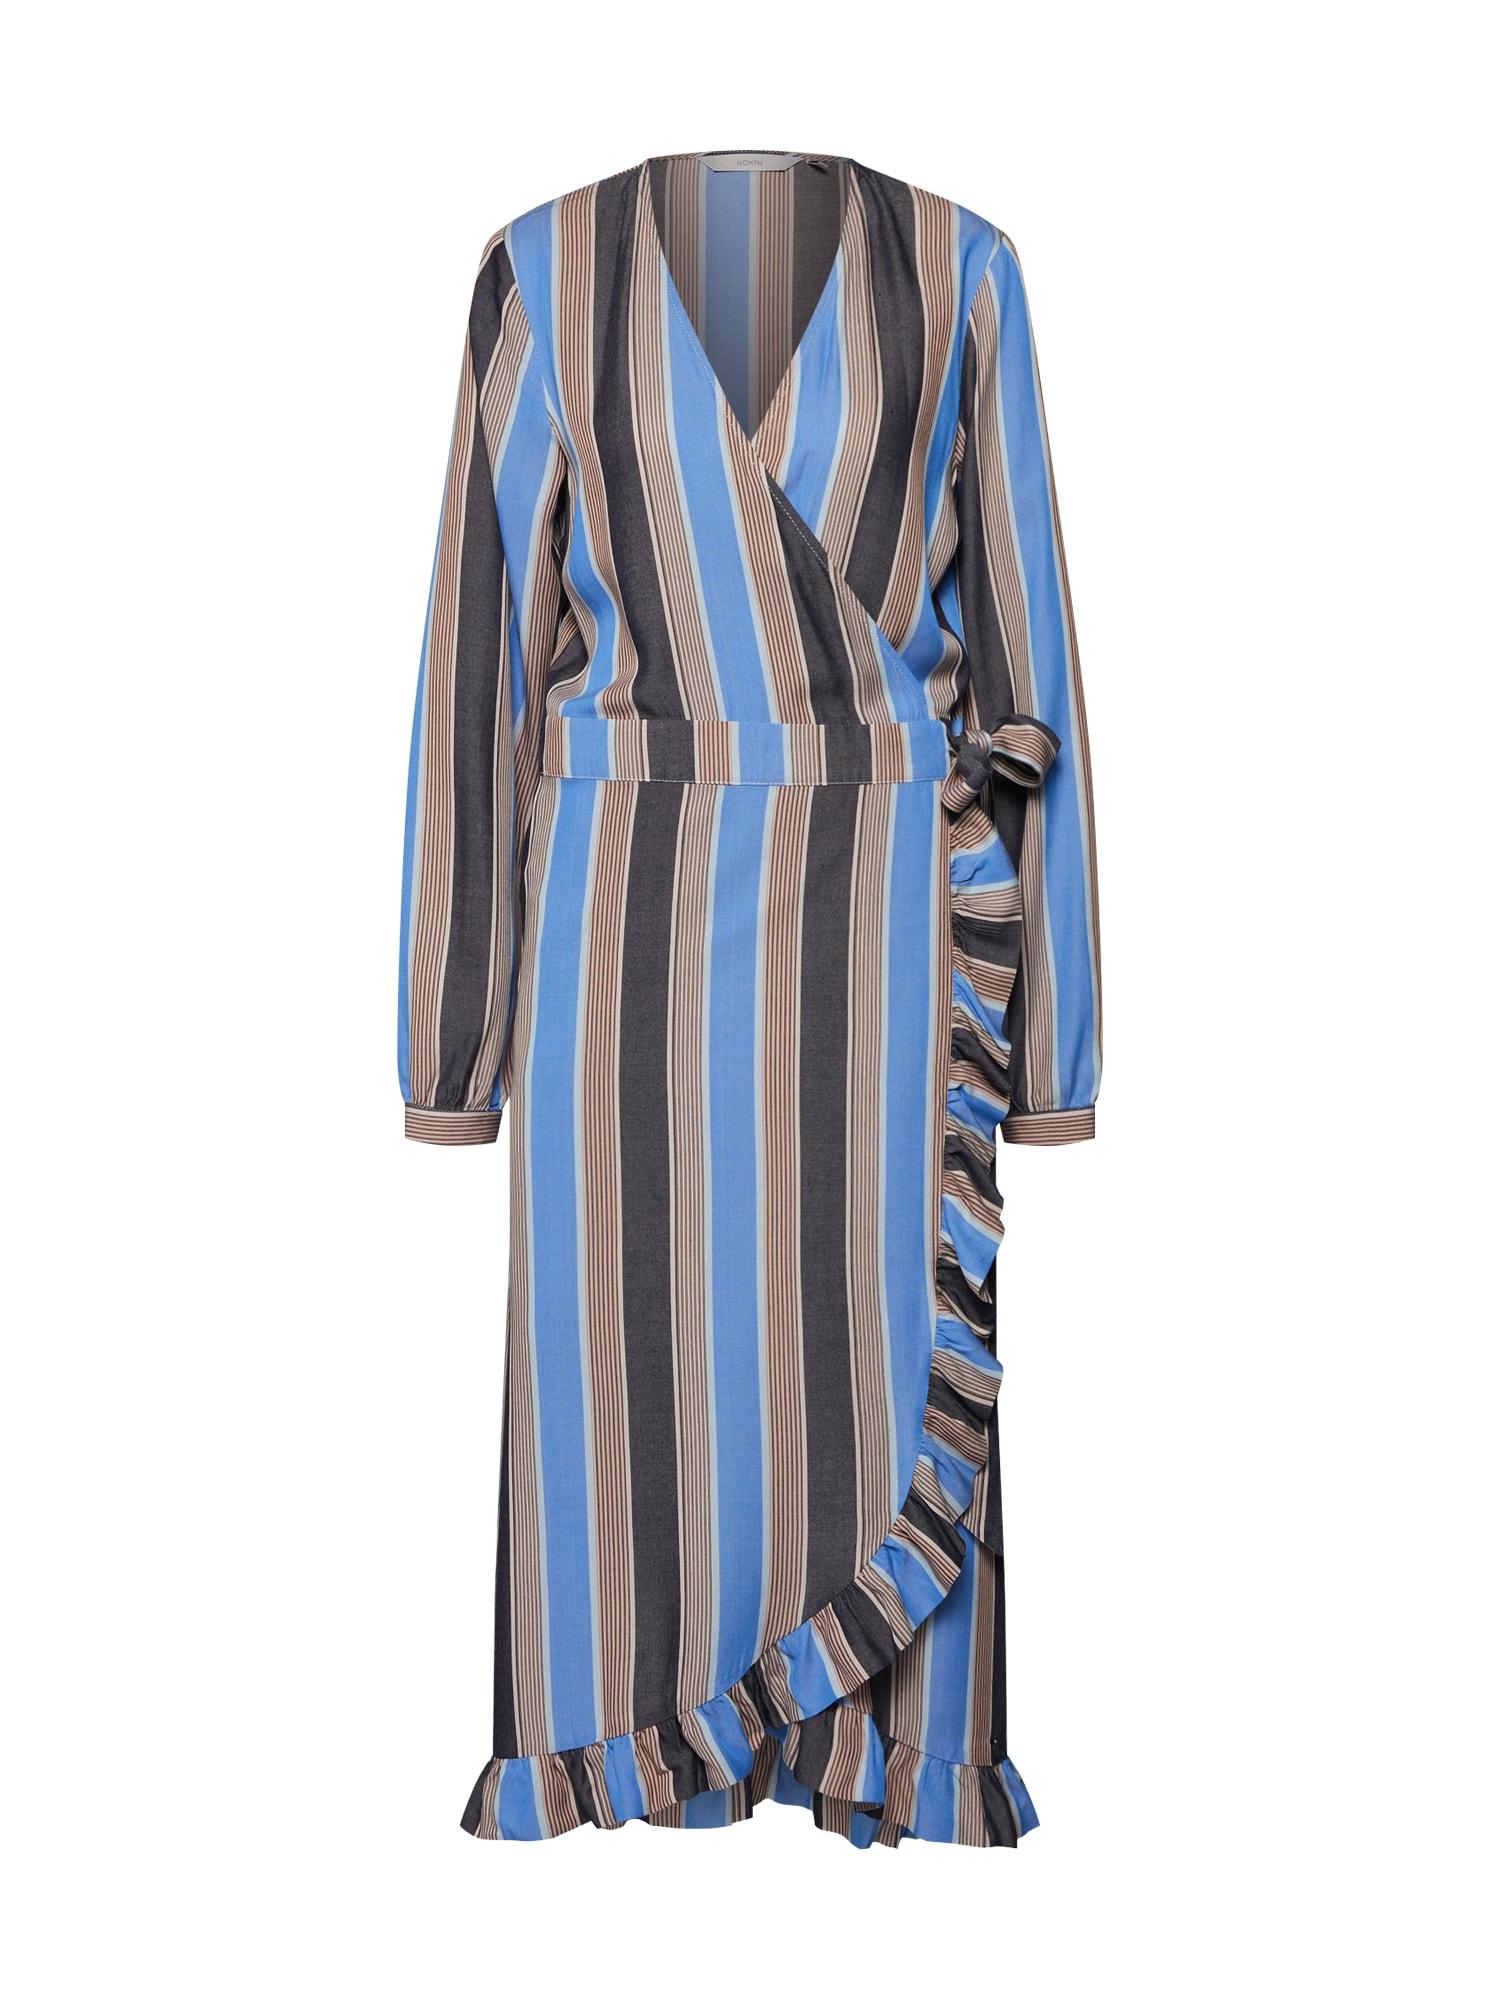 Šaty Jemima modrá hnědá NÜMPH